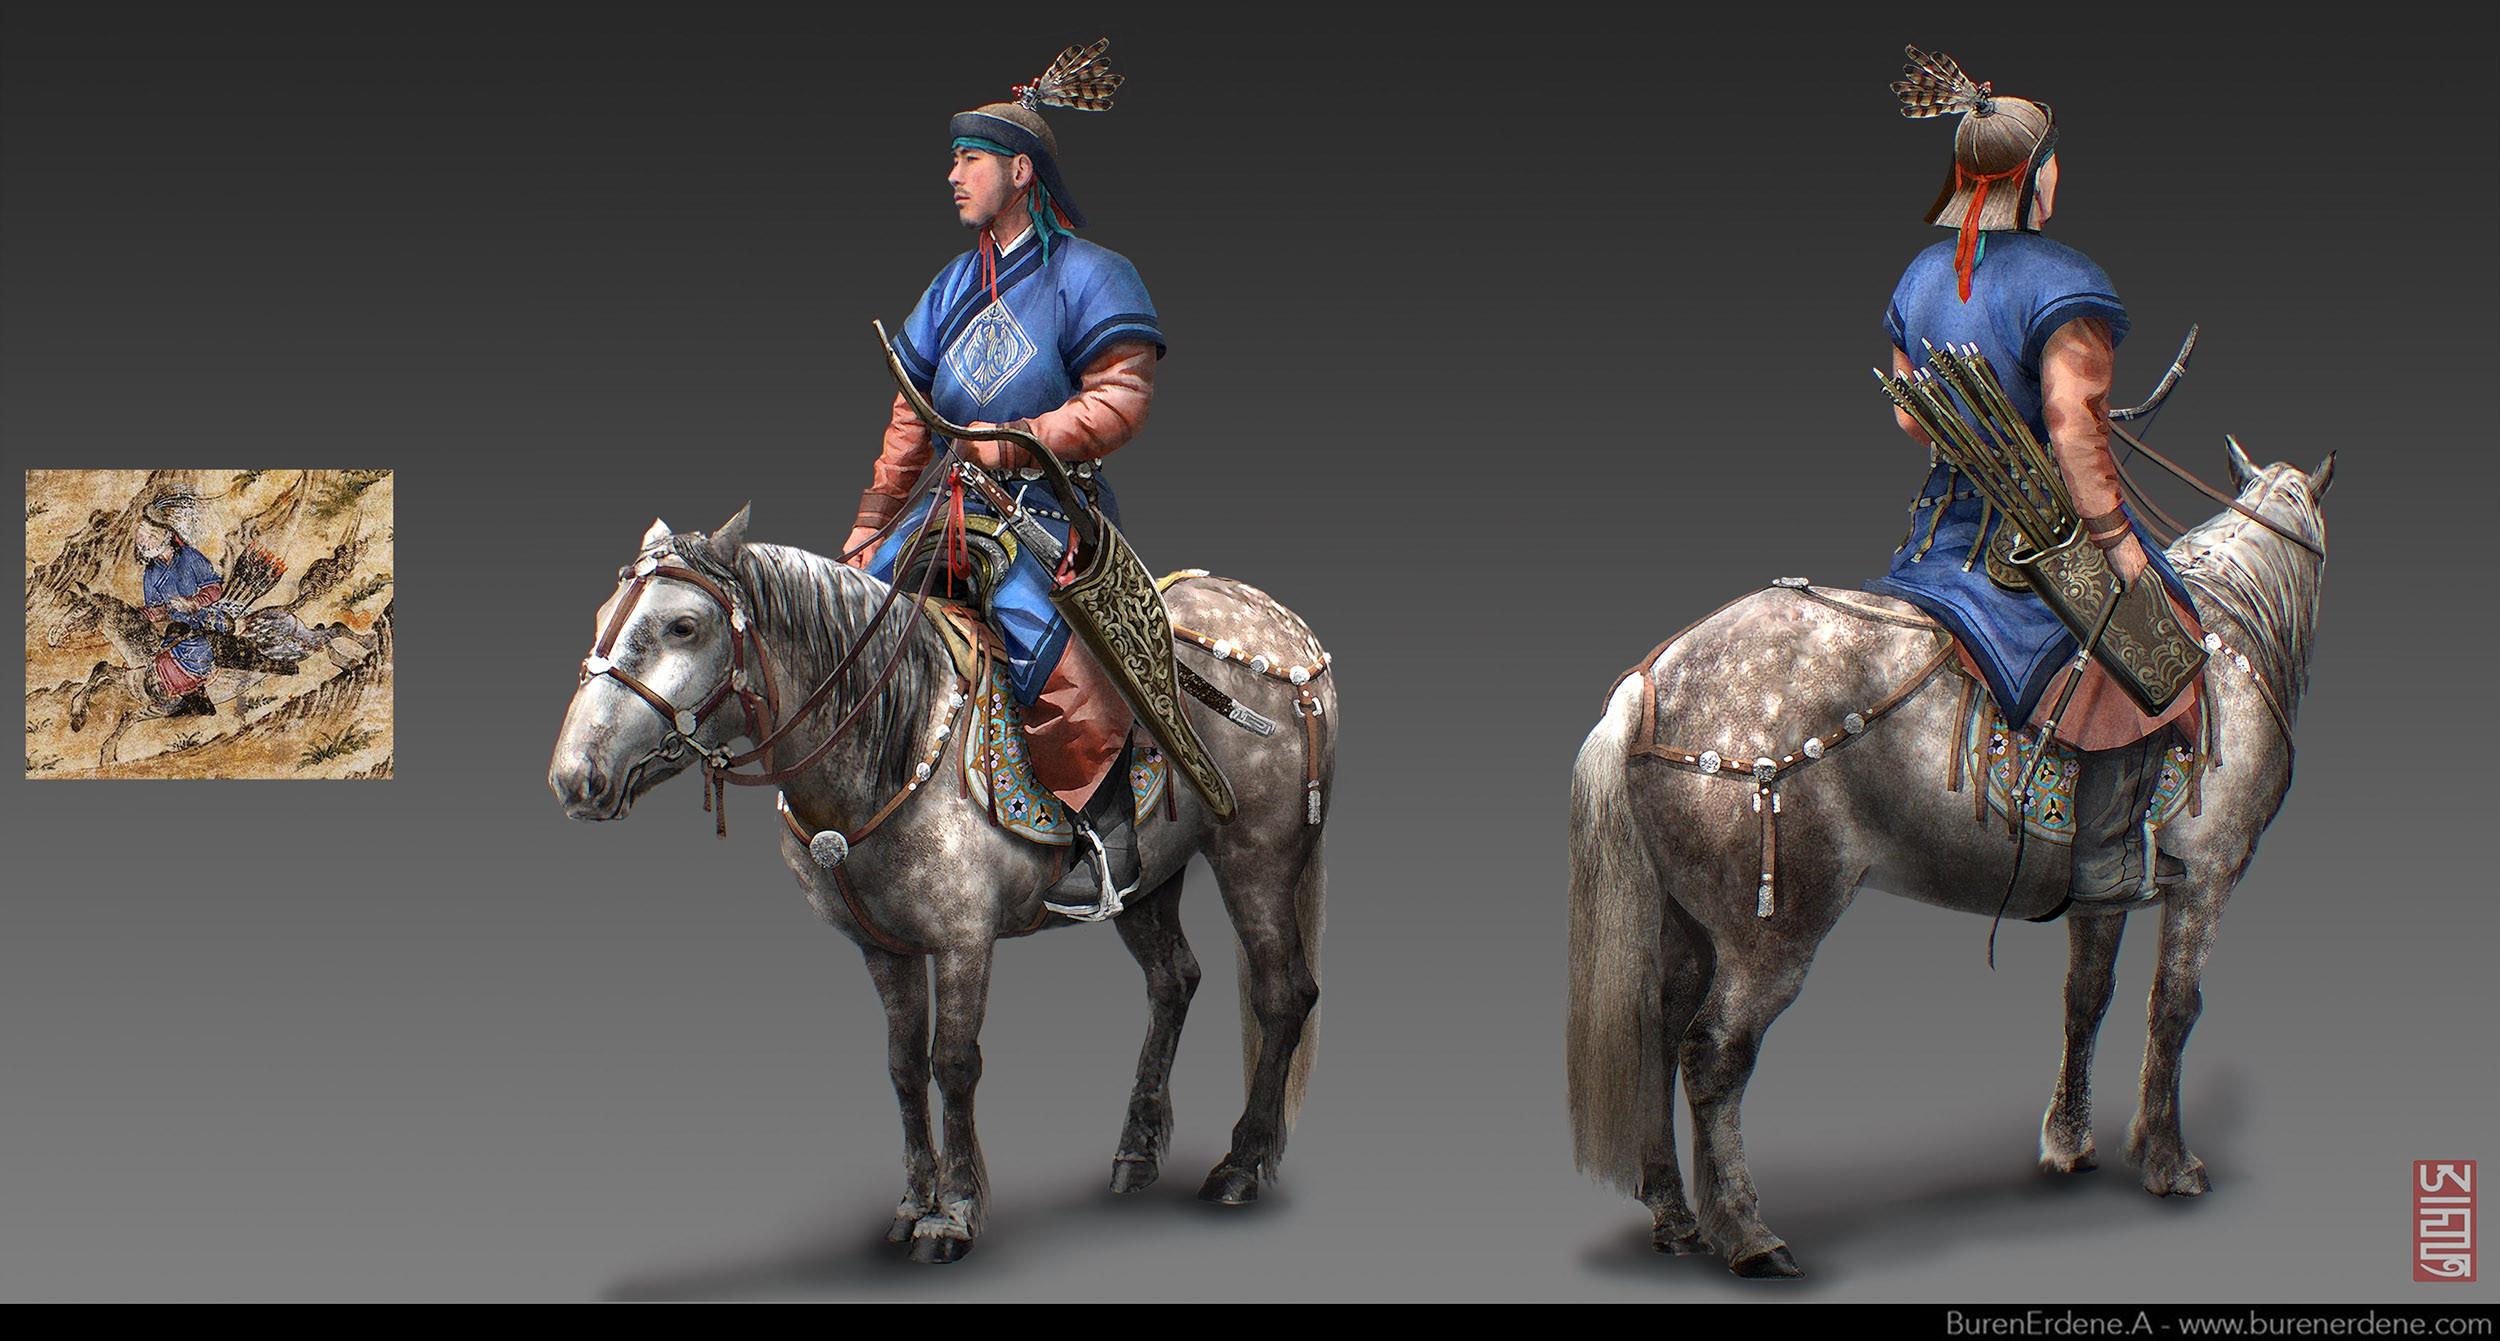 burenerdene-altankhuyag-mongol-men1.jpg?